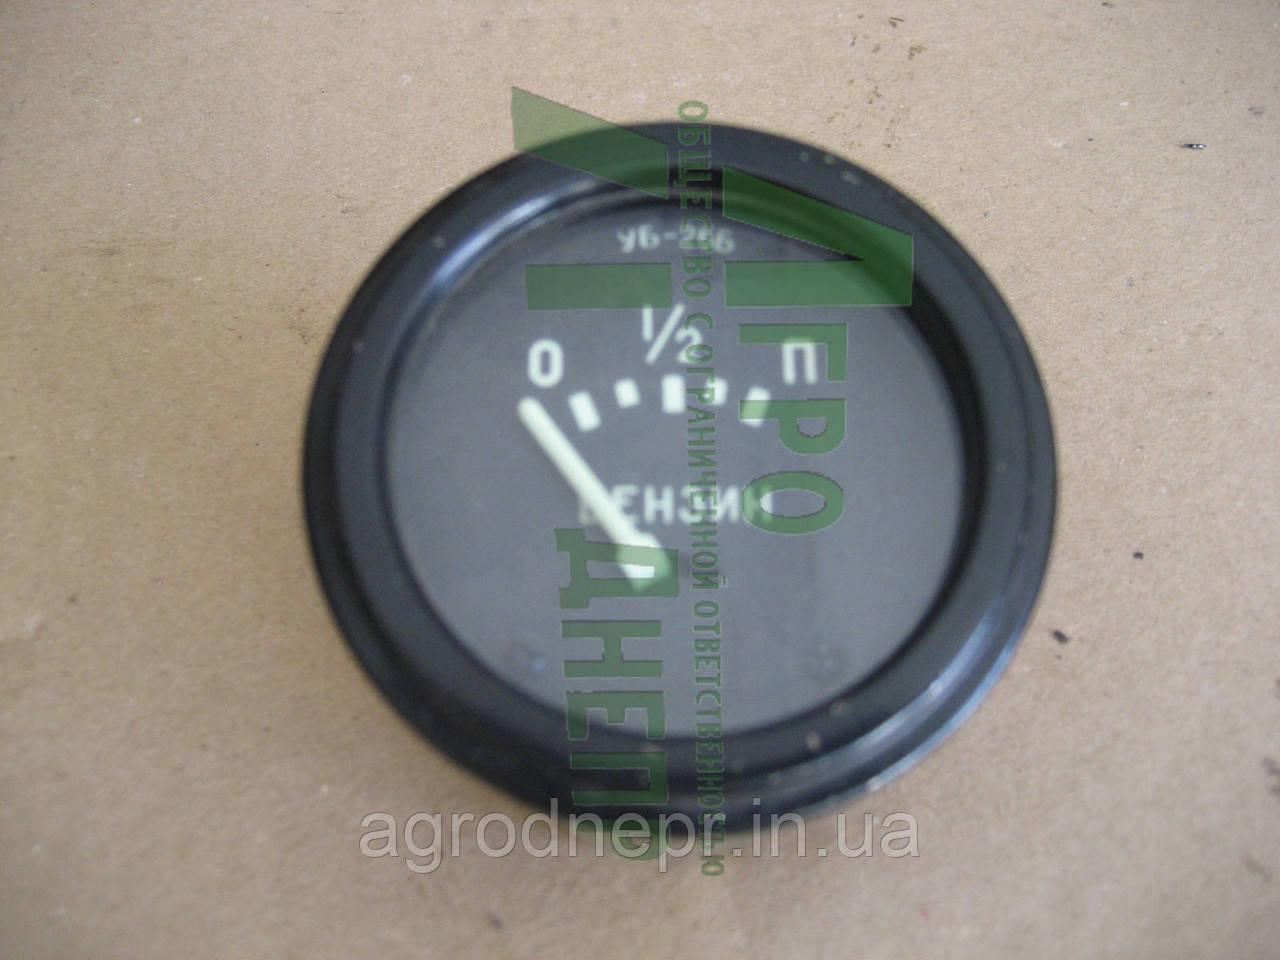 Приемник указателя уровня топлива УБ-26-В